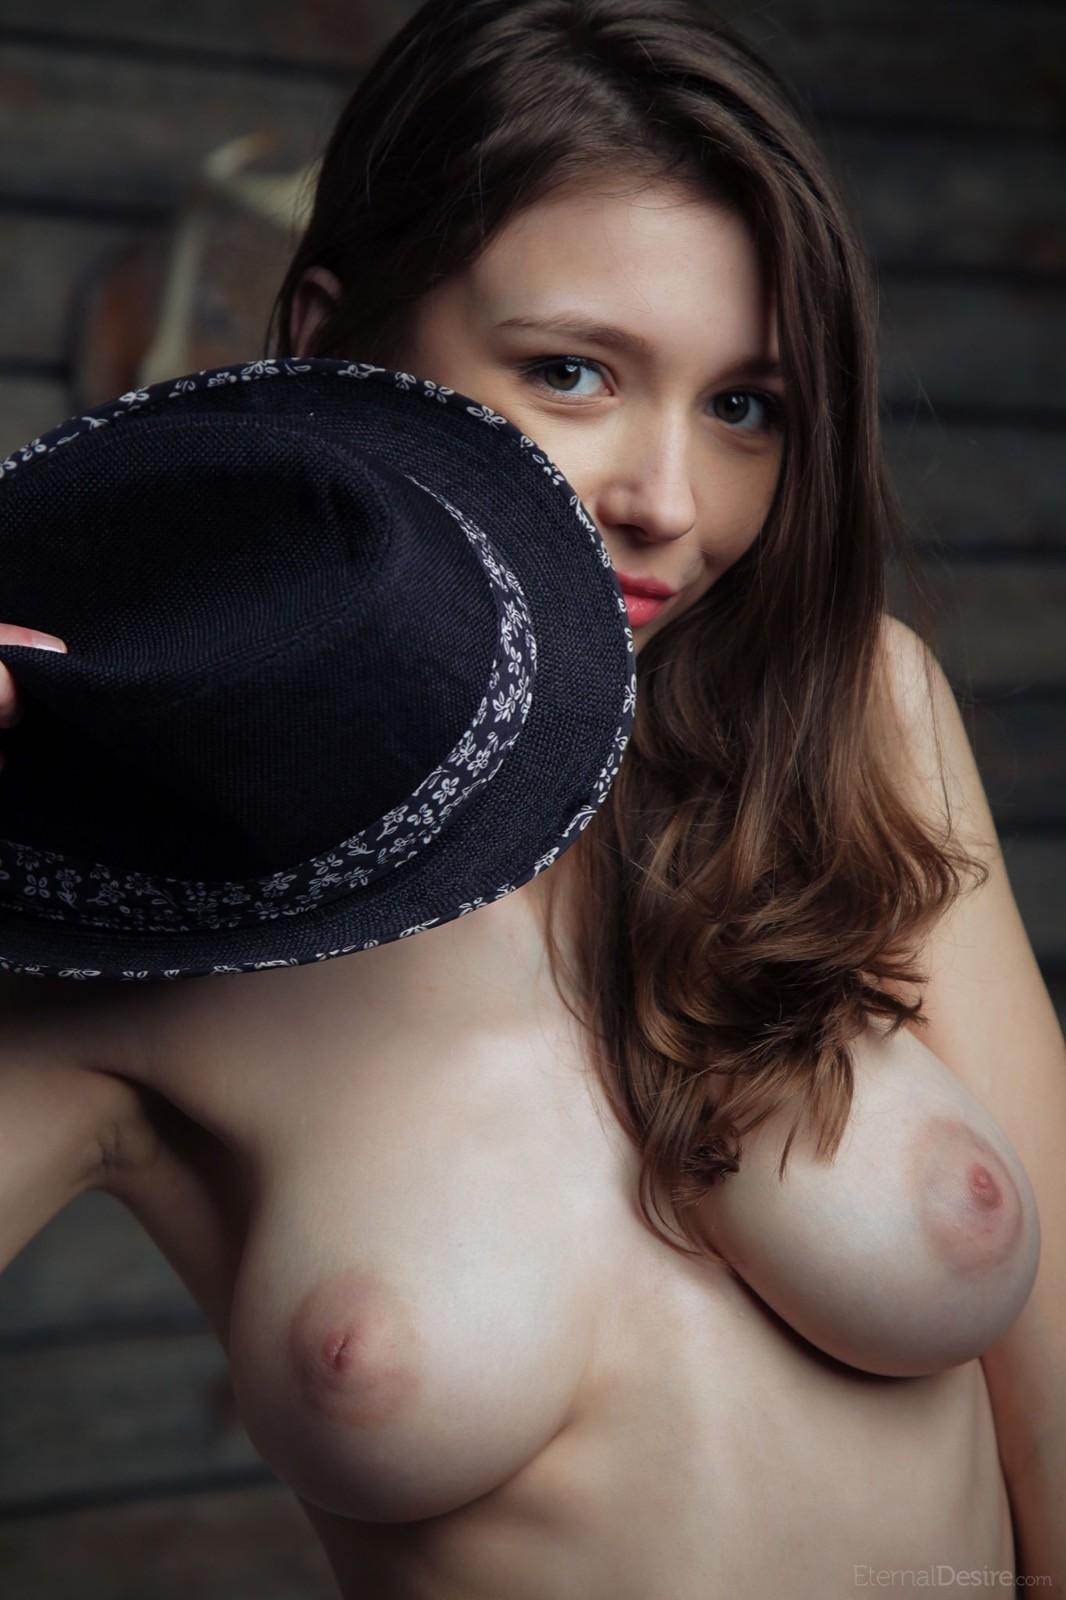 Игривая проститутка с упругими дойками